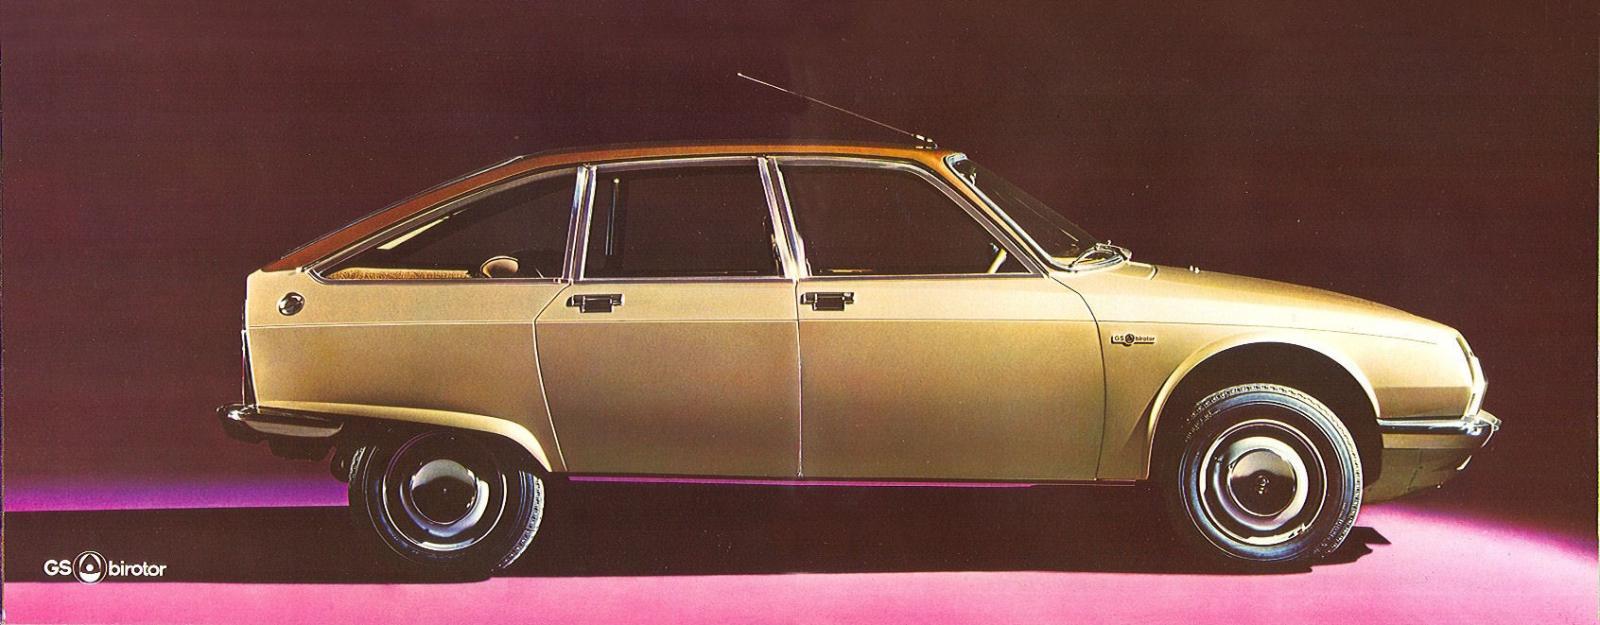 GS Birotor 1973 modèle rotatif suivant la M35